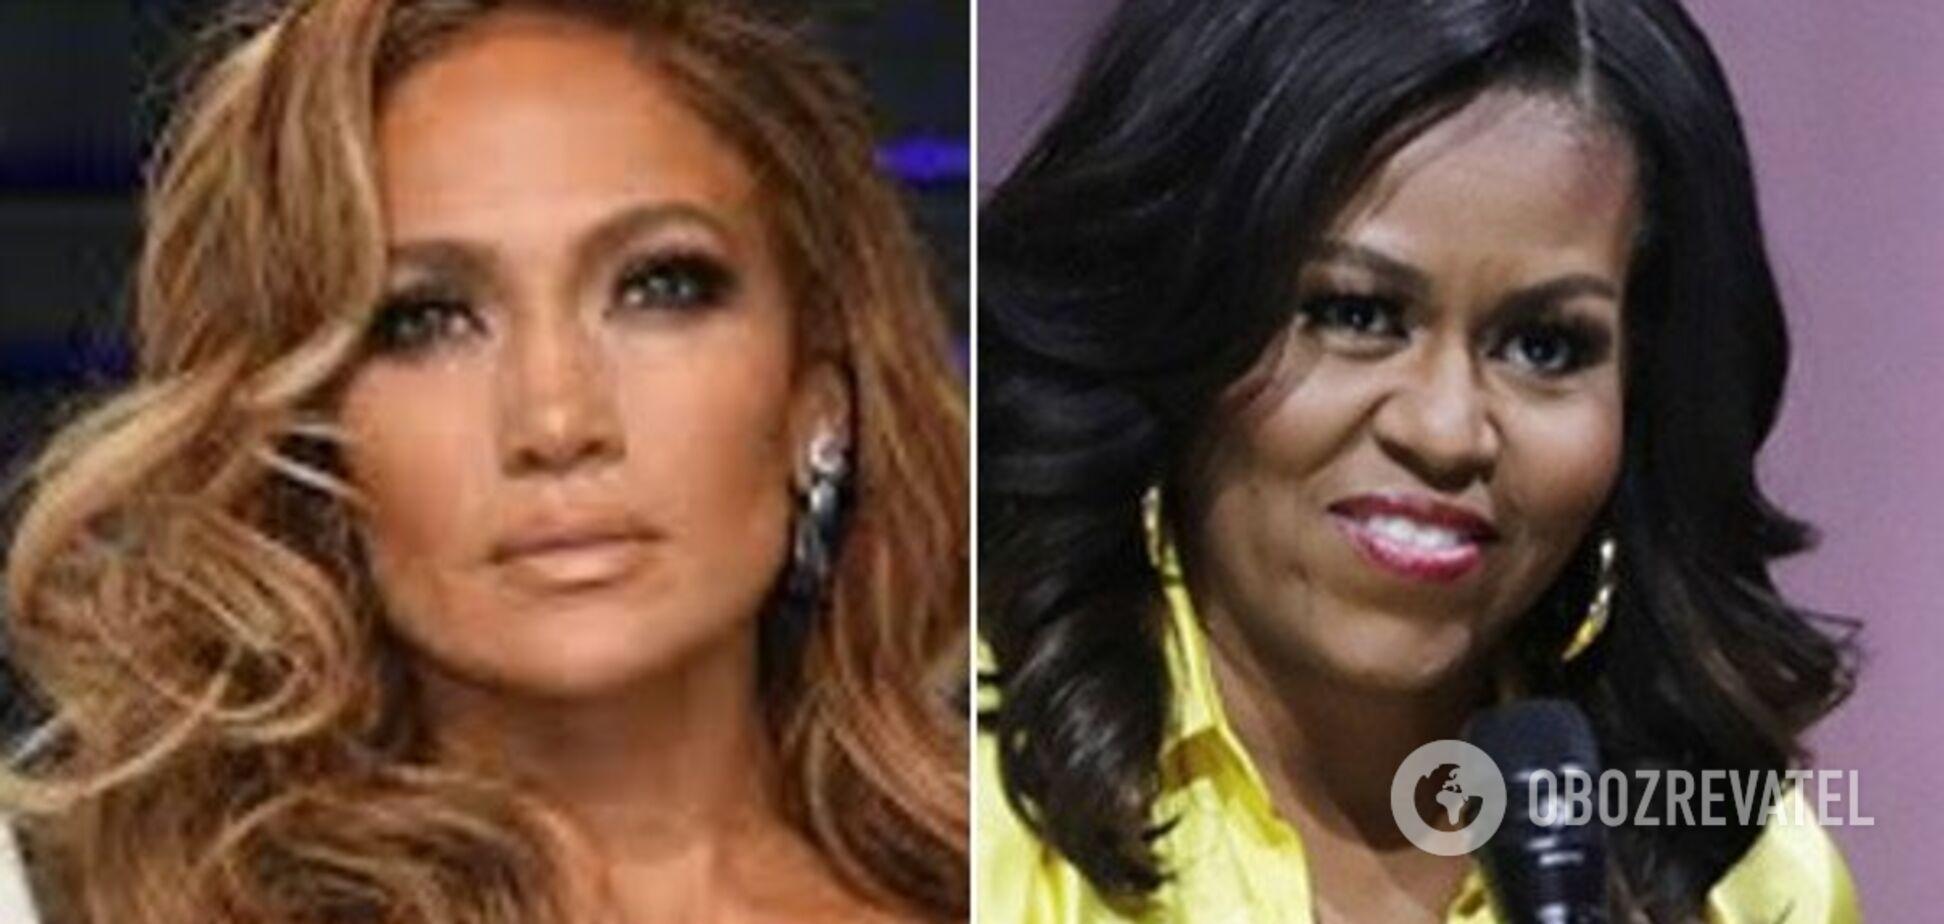 Названы самые влиятельные женщины 2019 года: кто попал в список